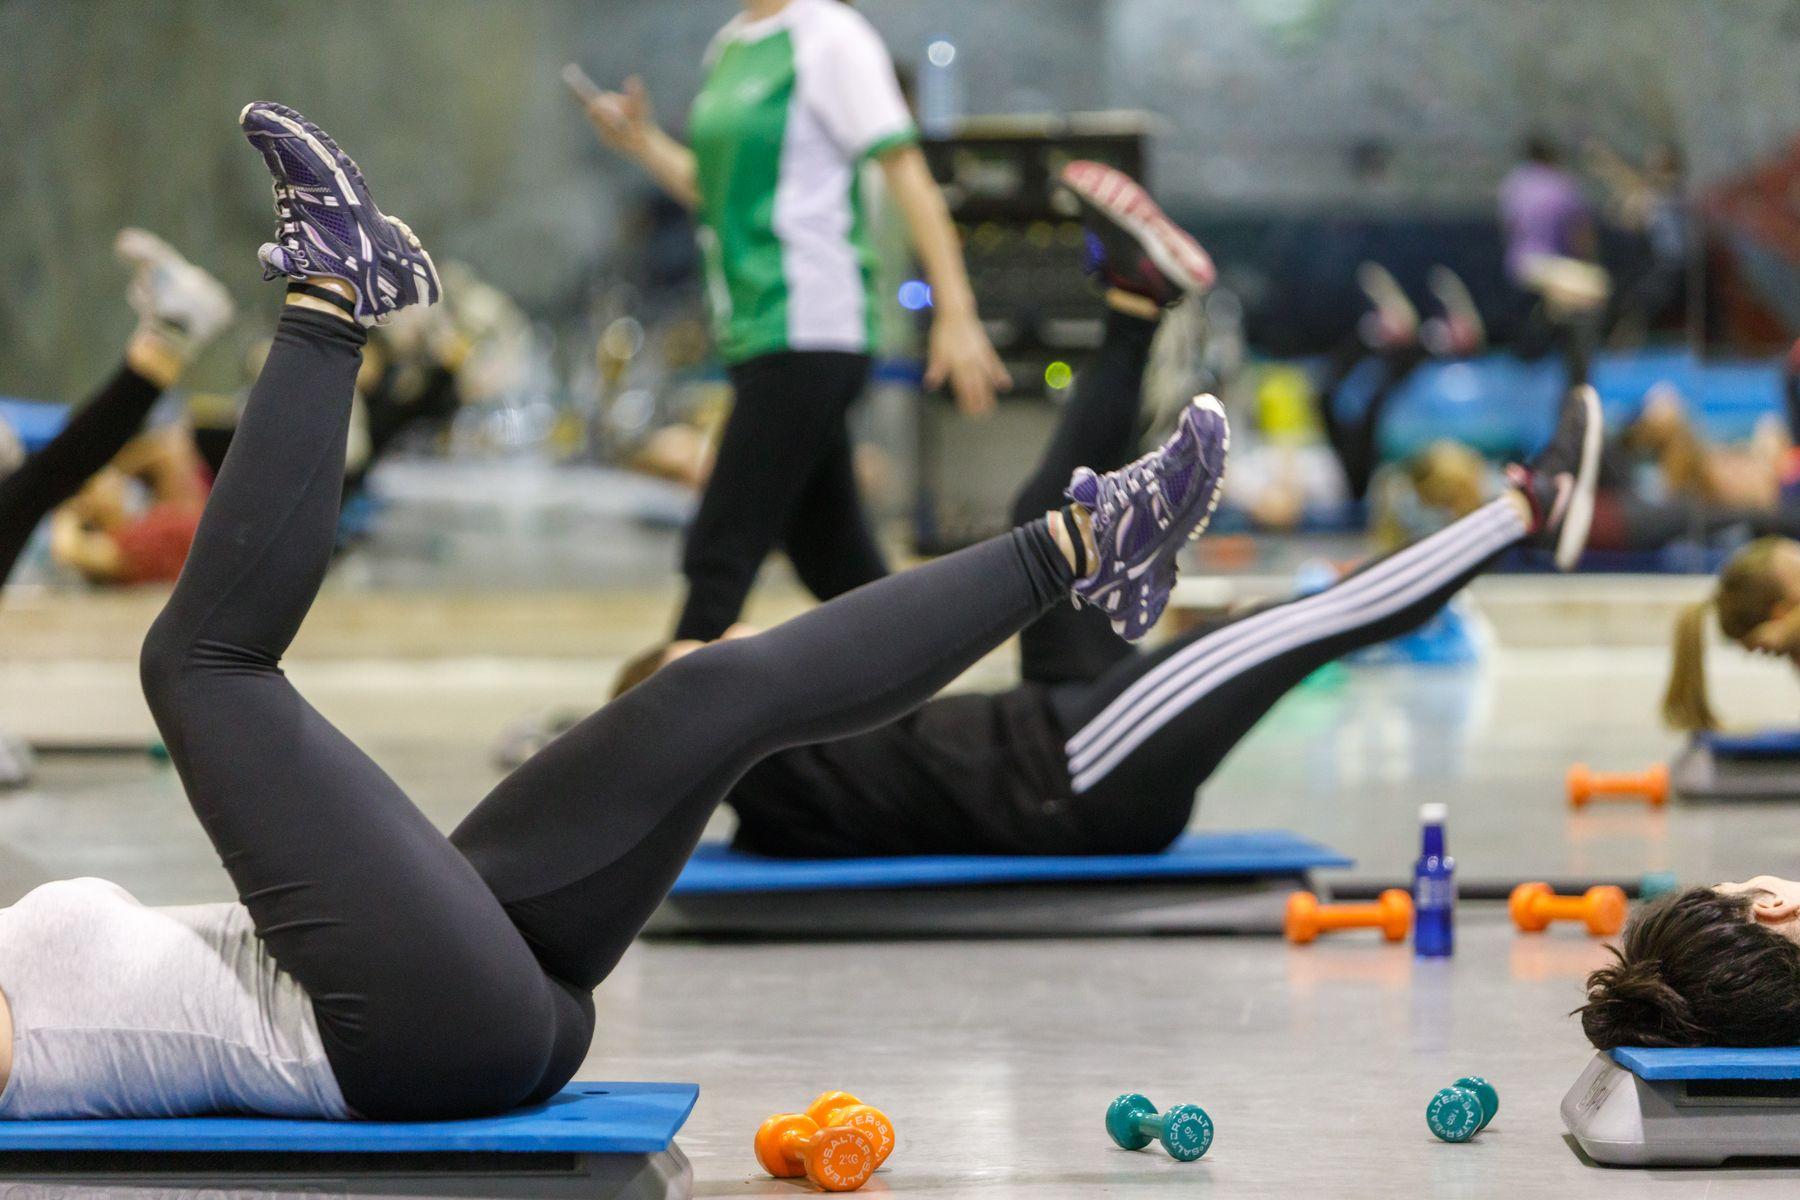 Actividad deportiva en la UPNA.